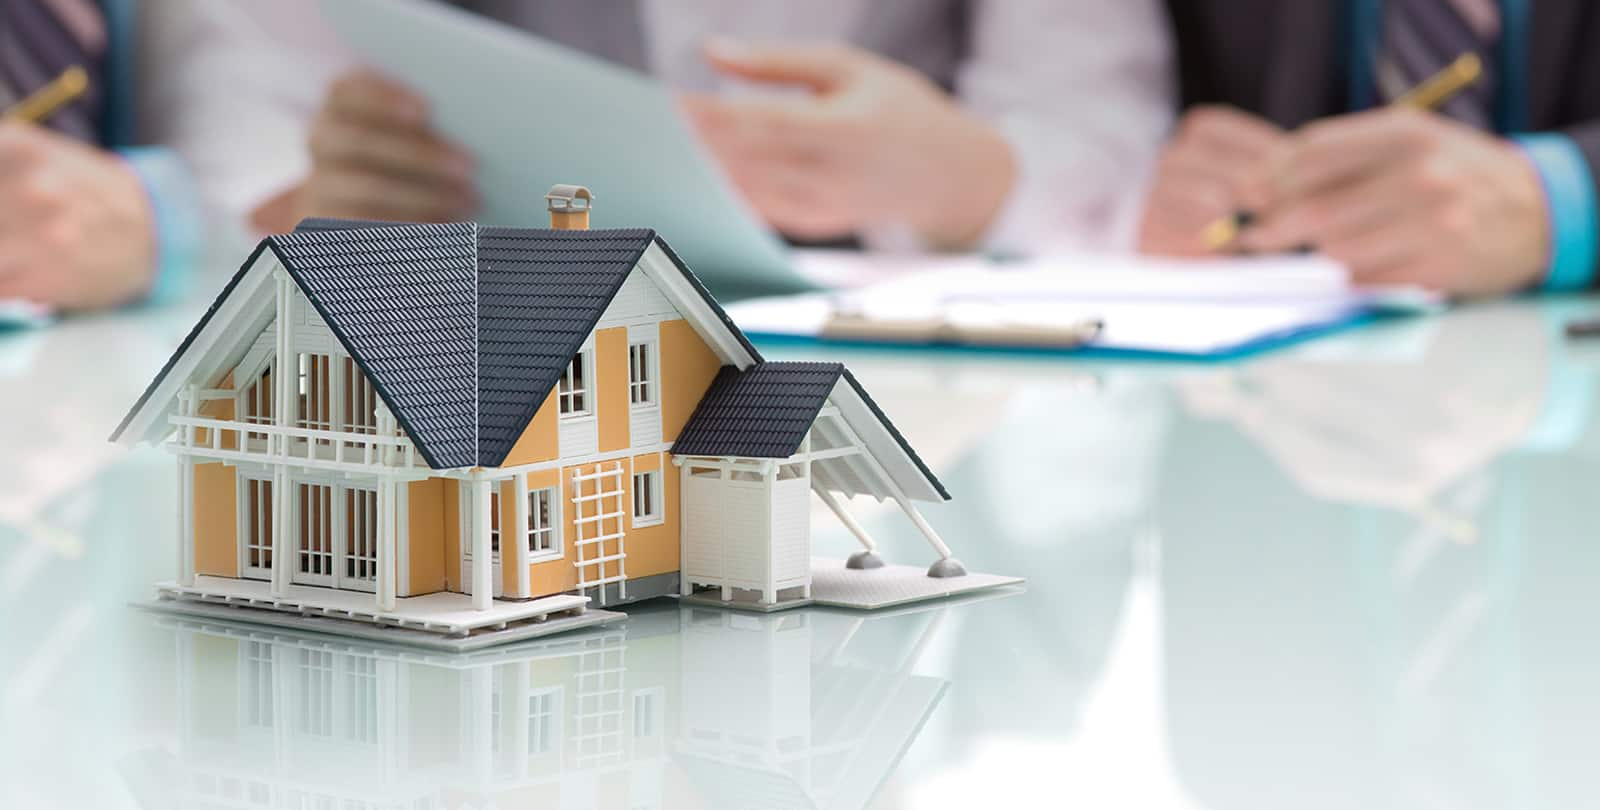 Những điều cần biết khi mua chung cư lần đầu tại Thanh Hóa